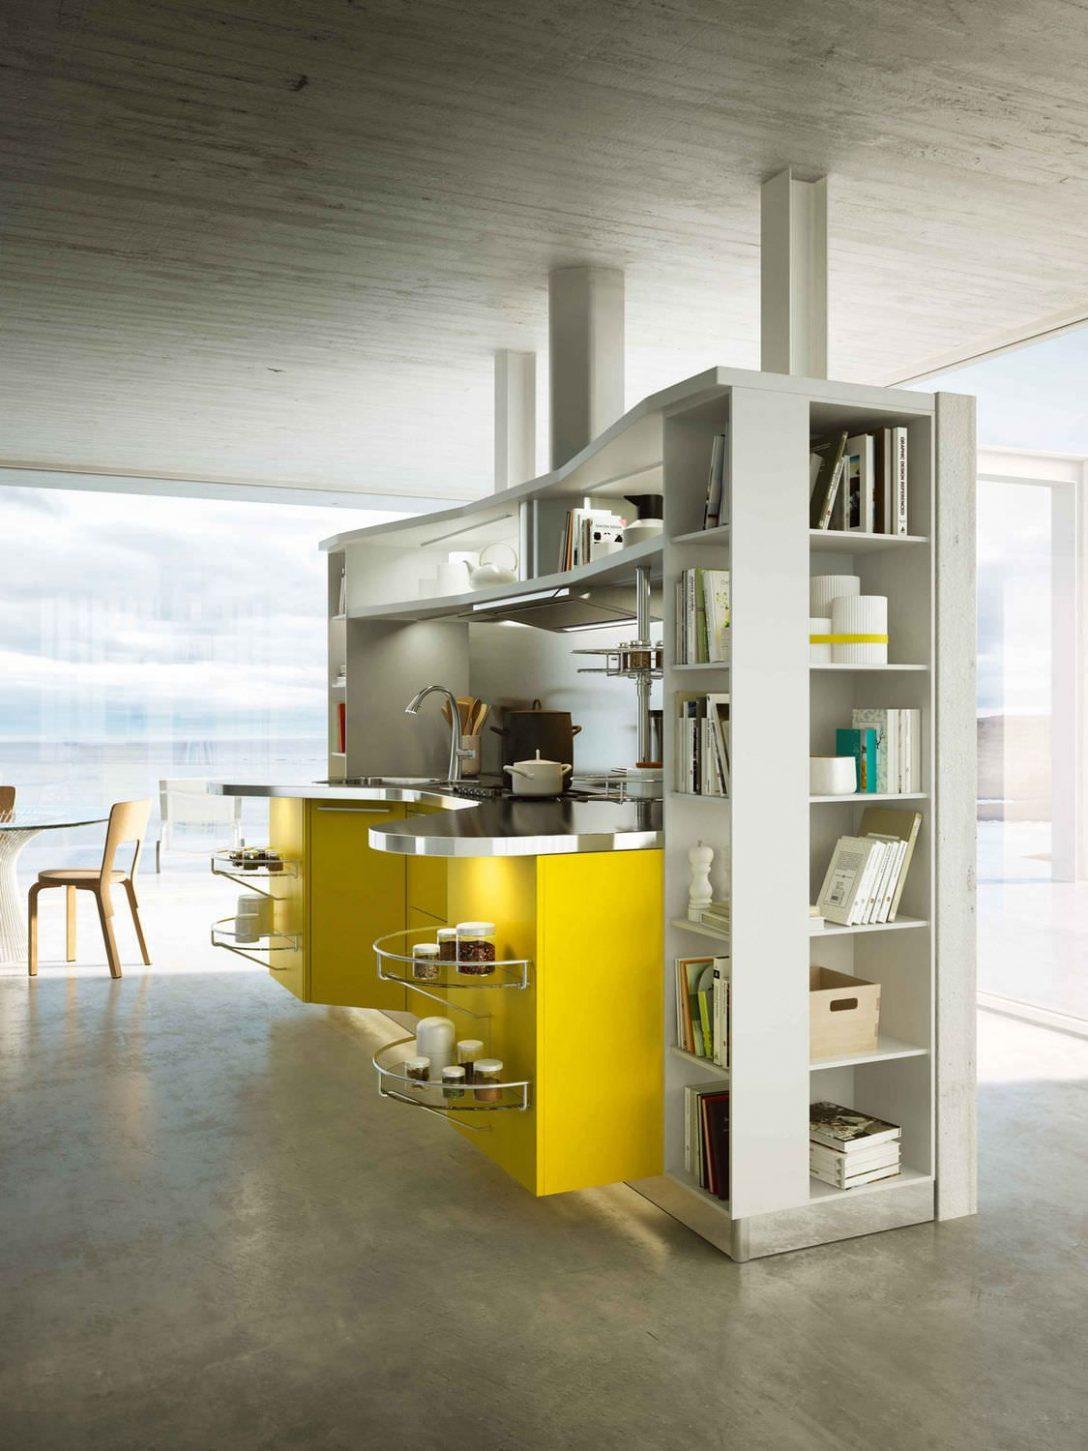 Large Size of Ikea Küchen Ideen Betten 160x200 Küche Kaufen Regal Modulküche Miniküche Sofa Mit Schlaffunktion Wohnzimmer Tapeten Kosten Bei Bad Renovieren Wohnzimmer Ikea Küchen Ideen